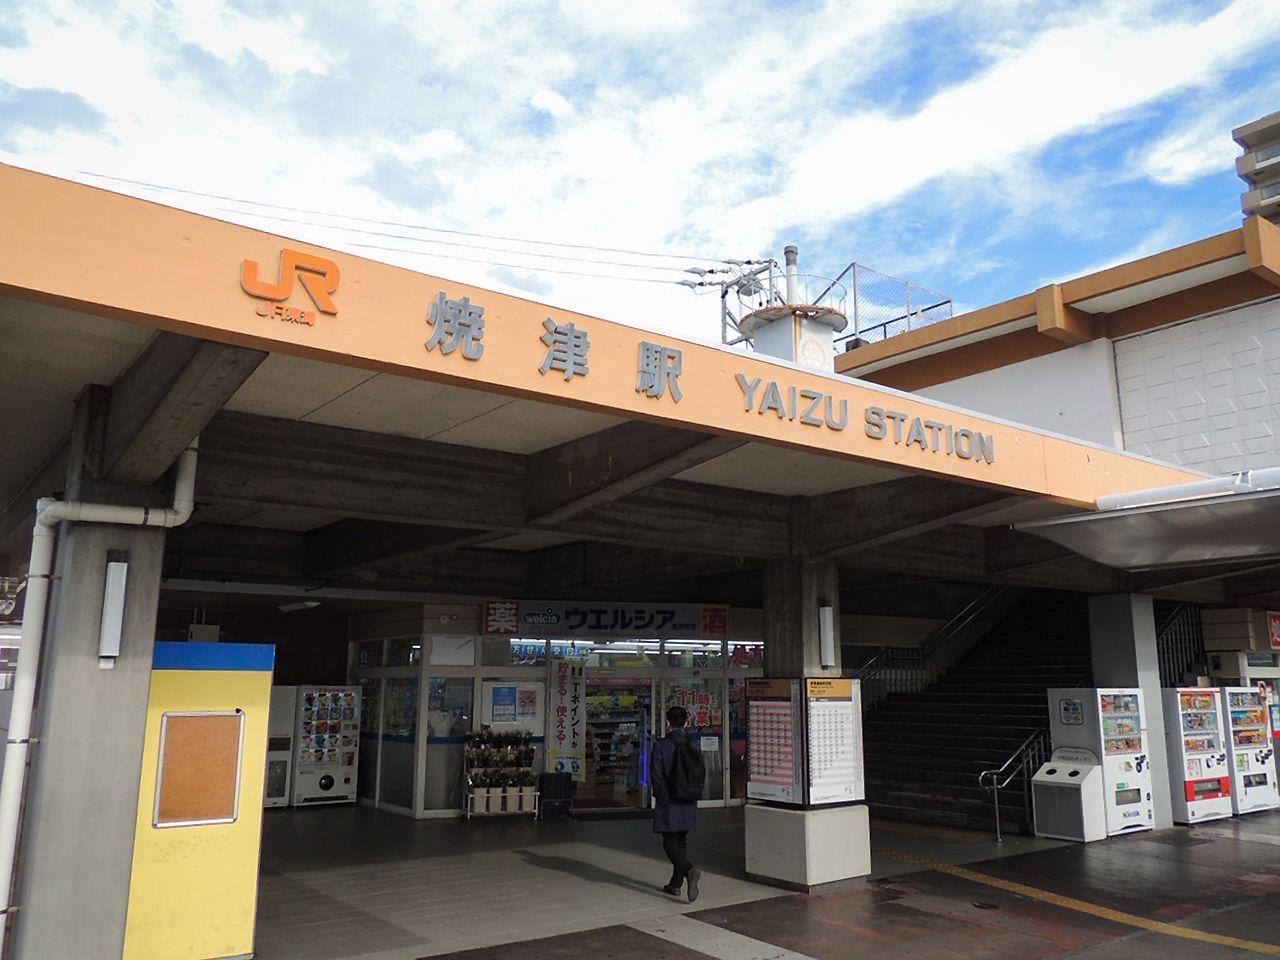 JR東海道本線の「焼津」駅。駅前から静鉄バスを利用すれば、小川港まで12分ほど